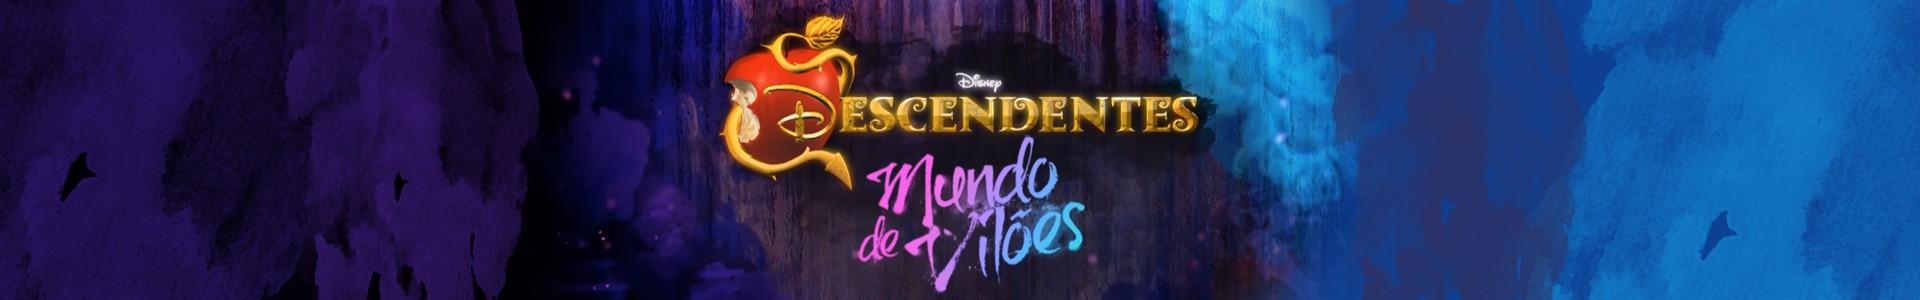 Descendentes: Mundo de Vilões. Conheça o desenho do Disney Channel